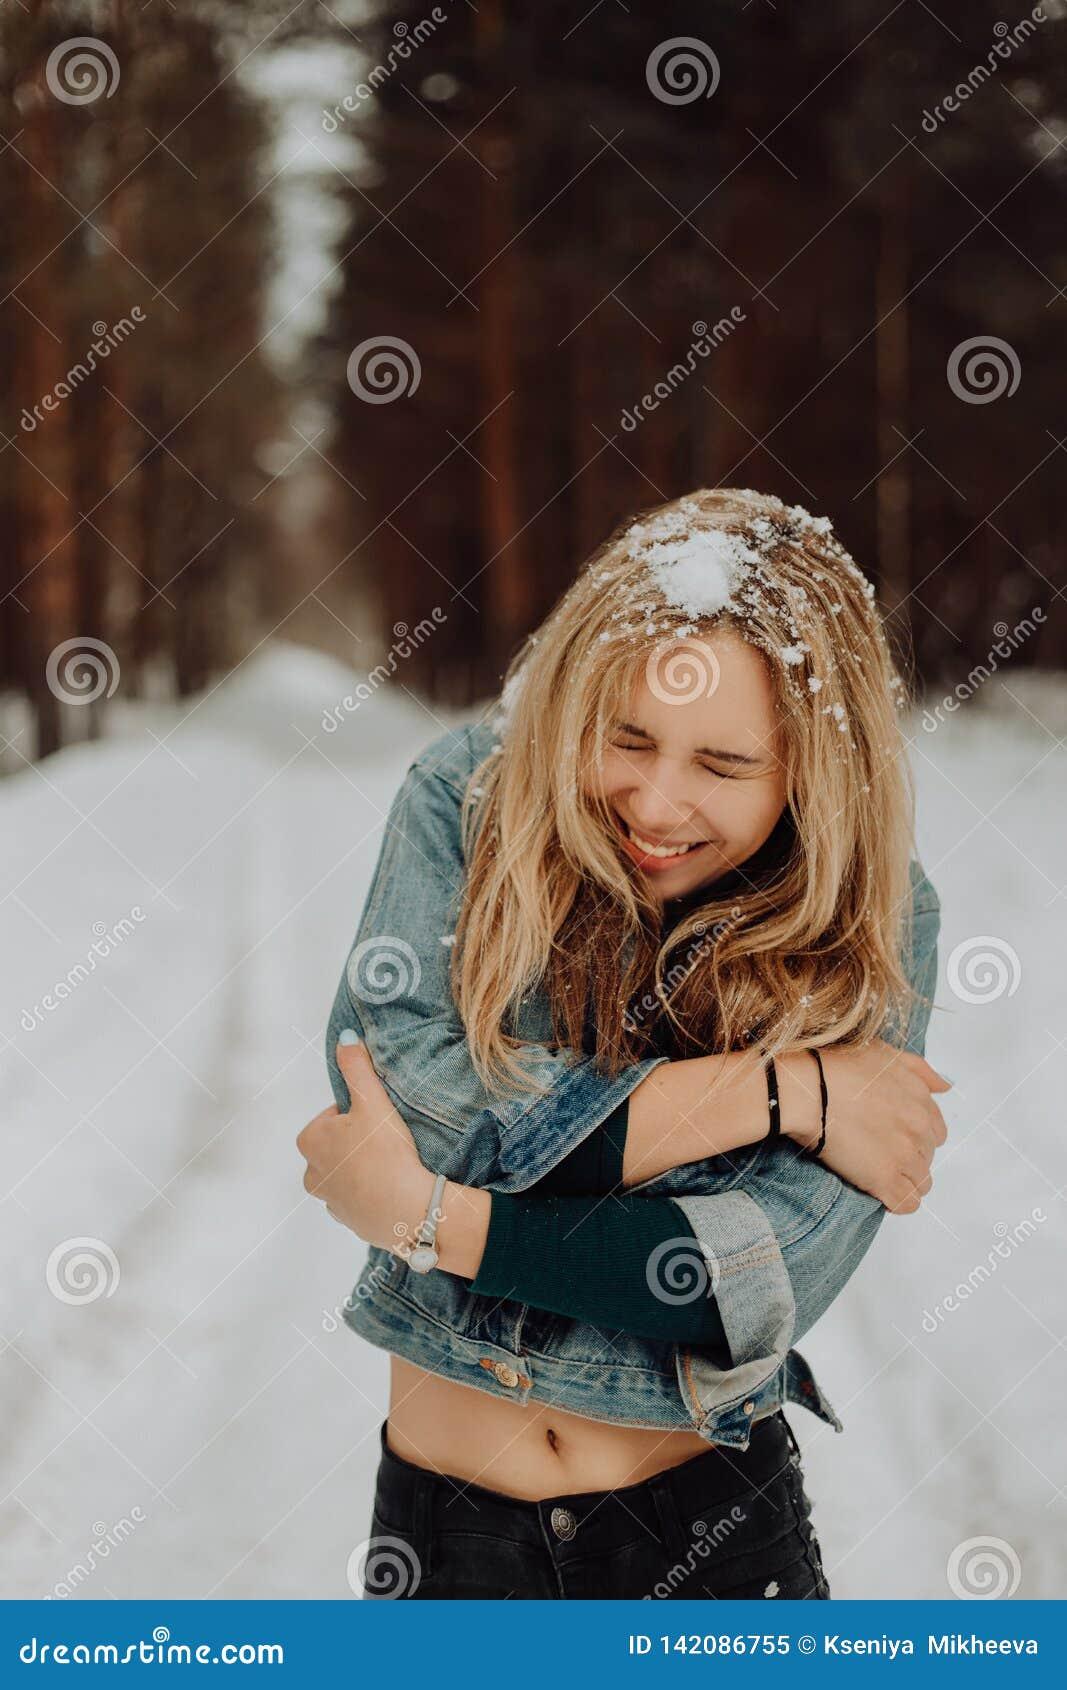 Χαριτωμένο νέο όμορφο πορτρέτο κοριτσιών χαμόγελου στο χειμερινό χιονώδες δάσος με το χιόνι στην τρίχα του